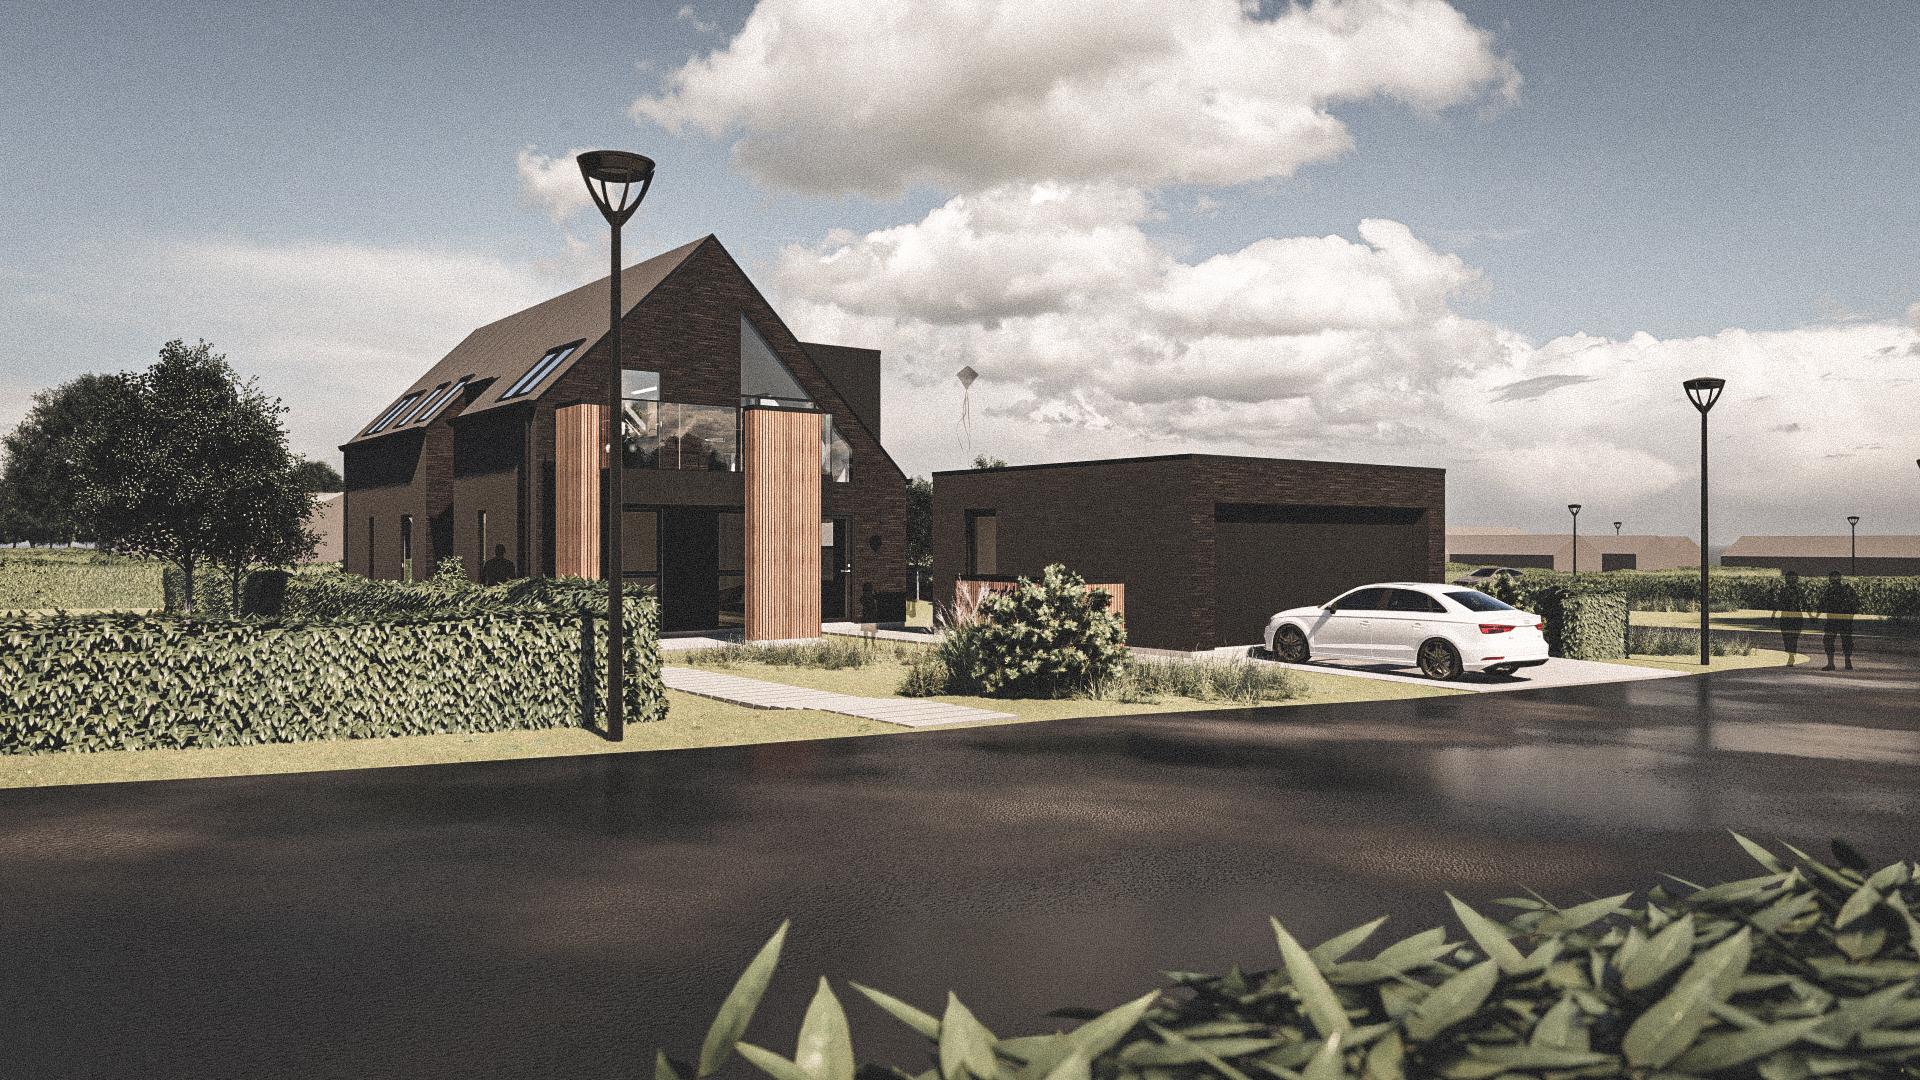 Billede af Dansk arkitekttegnet 2 plan villa af arkitektfirmaet m2plus, i Svendborg på 198 kvartratmeter.